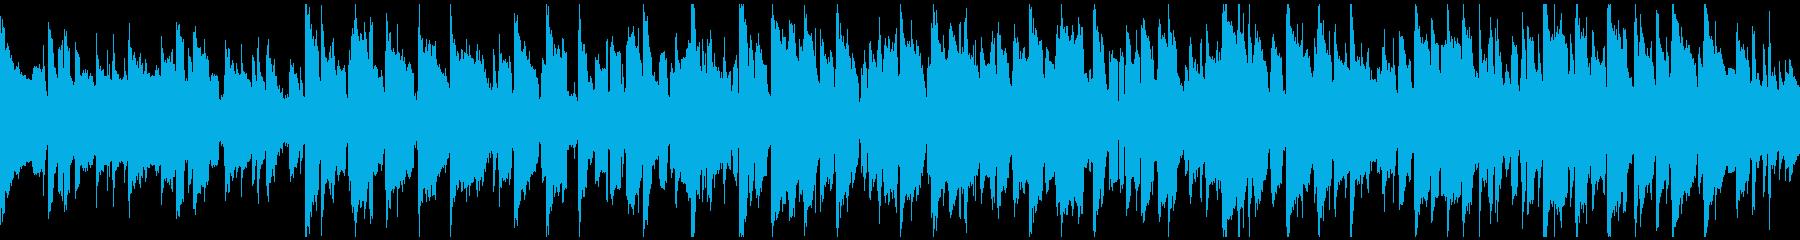 リコーダー&ピアノ、田舎 ※ループ仕様版の再生済みの波形